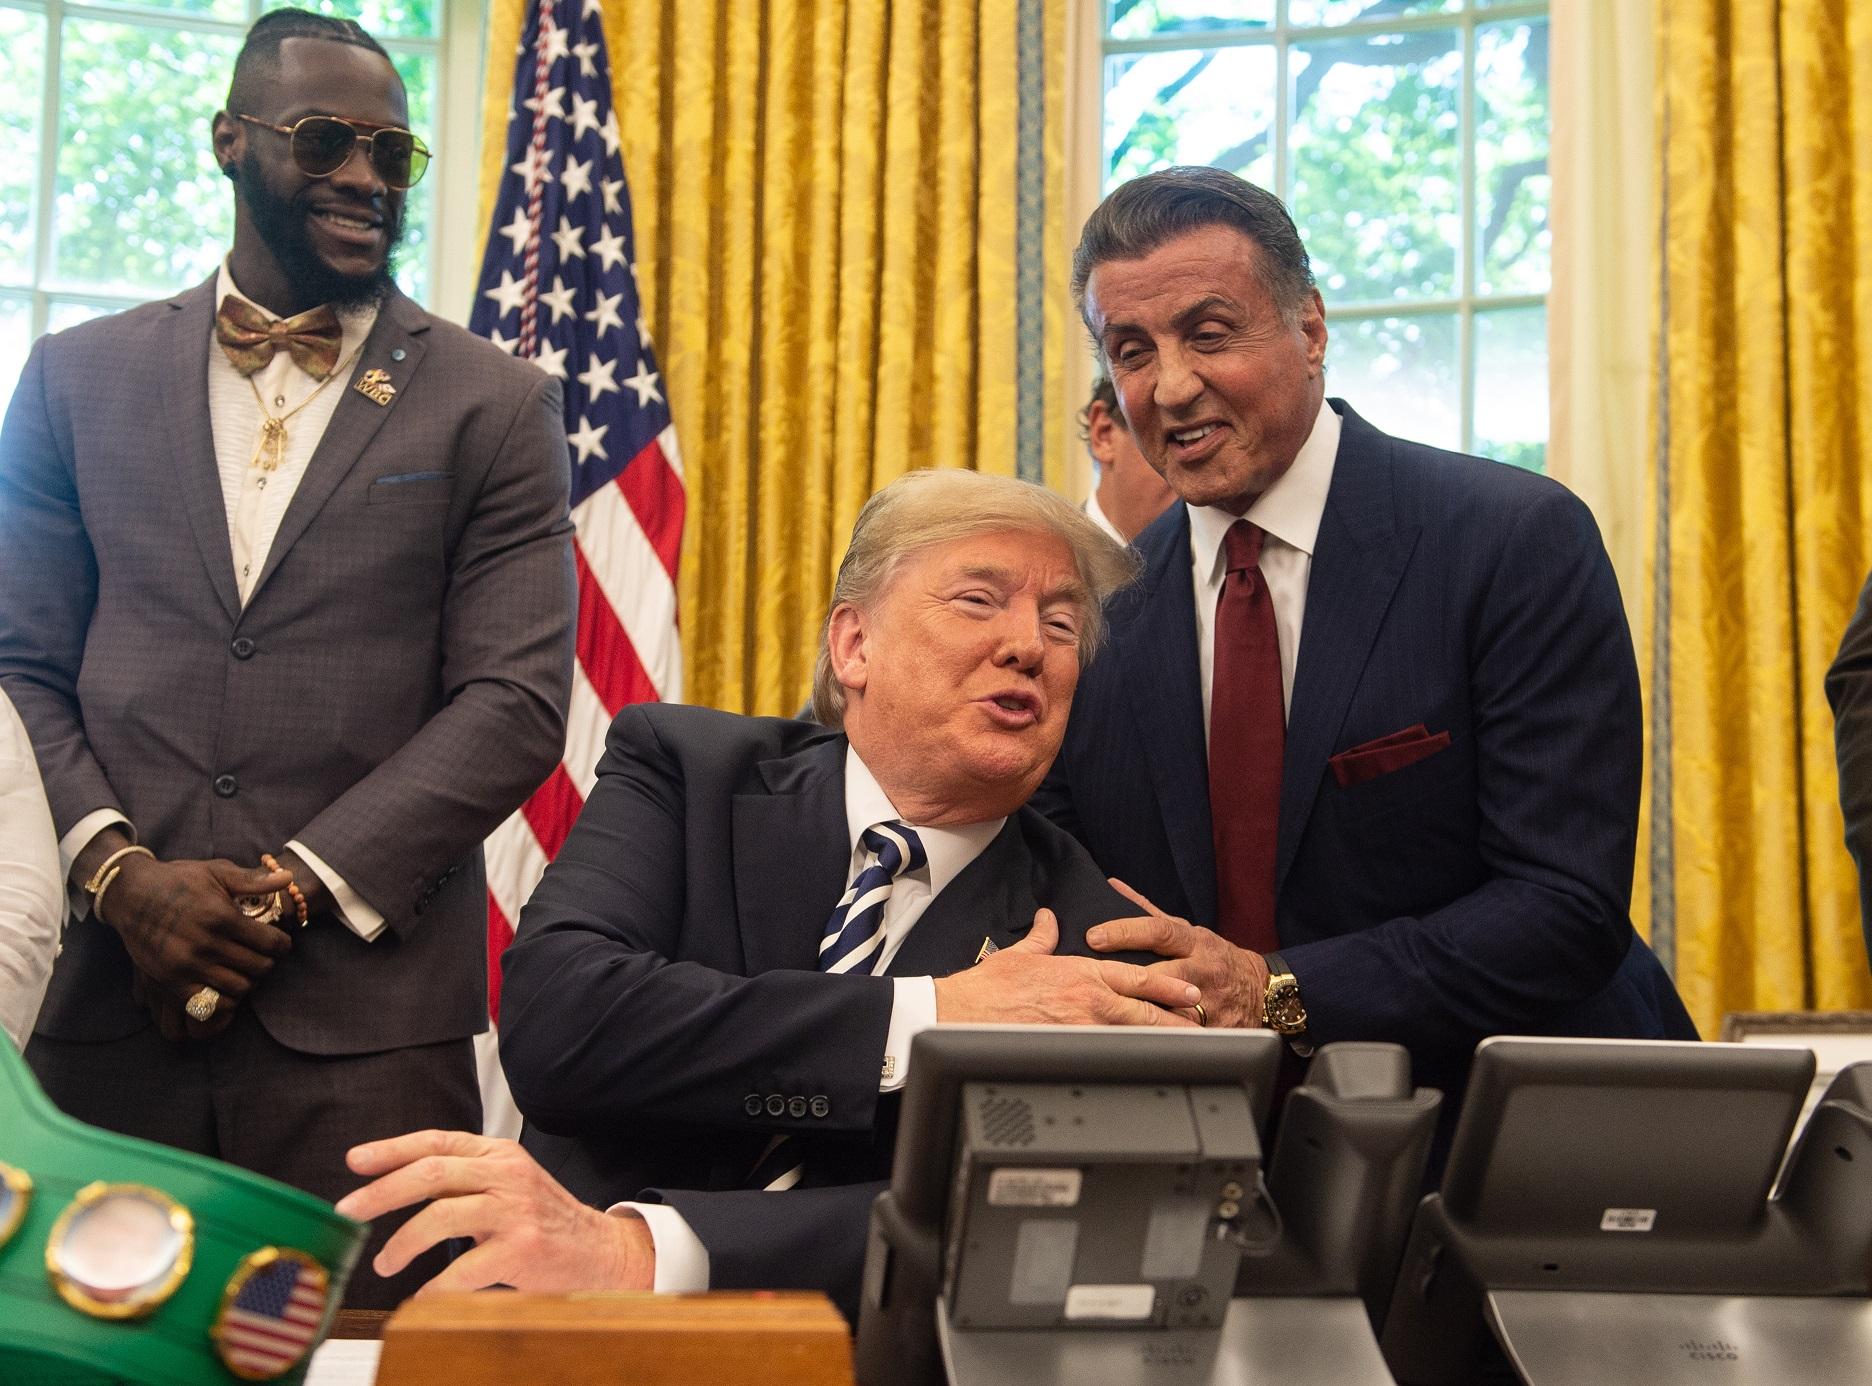 Sylvester Stallone kérésére Donald Trump megkegyelmezett az első afro-amerikai bokszbajnoknak